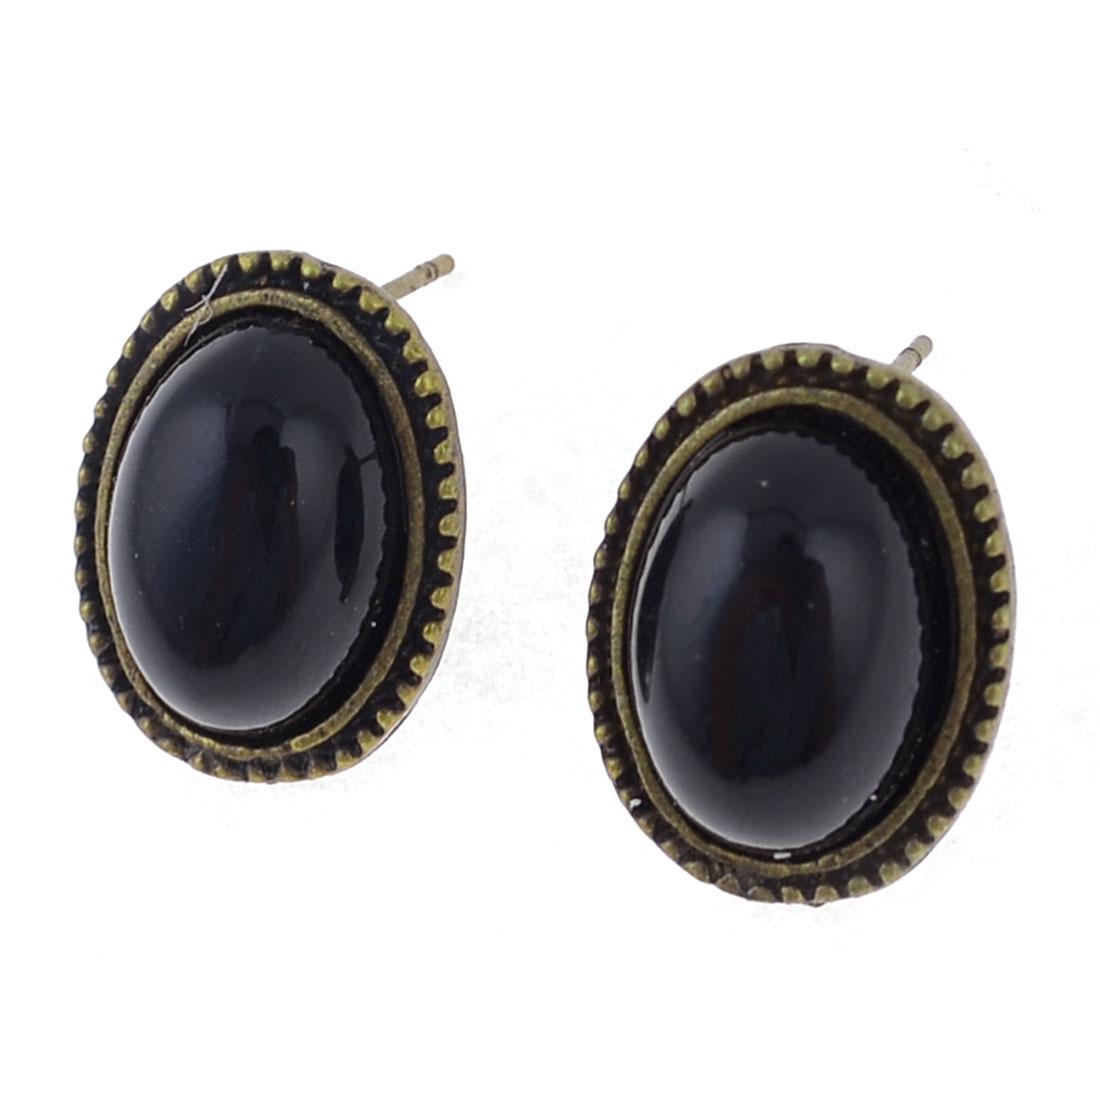 2 Pcs Vintage Style Oval Ear Decor Stud Earrings Black for Women